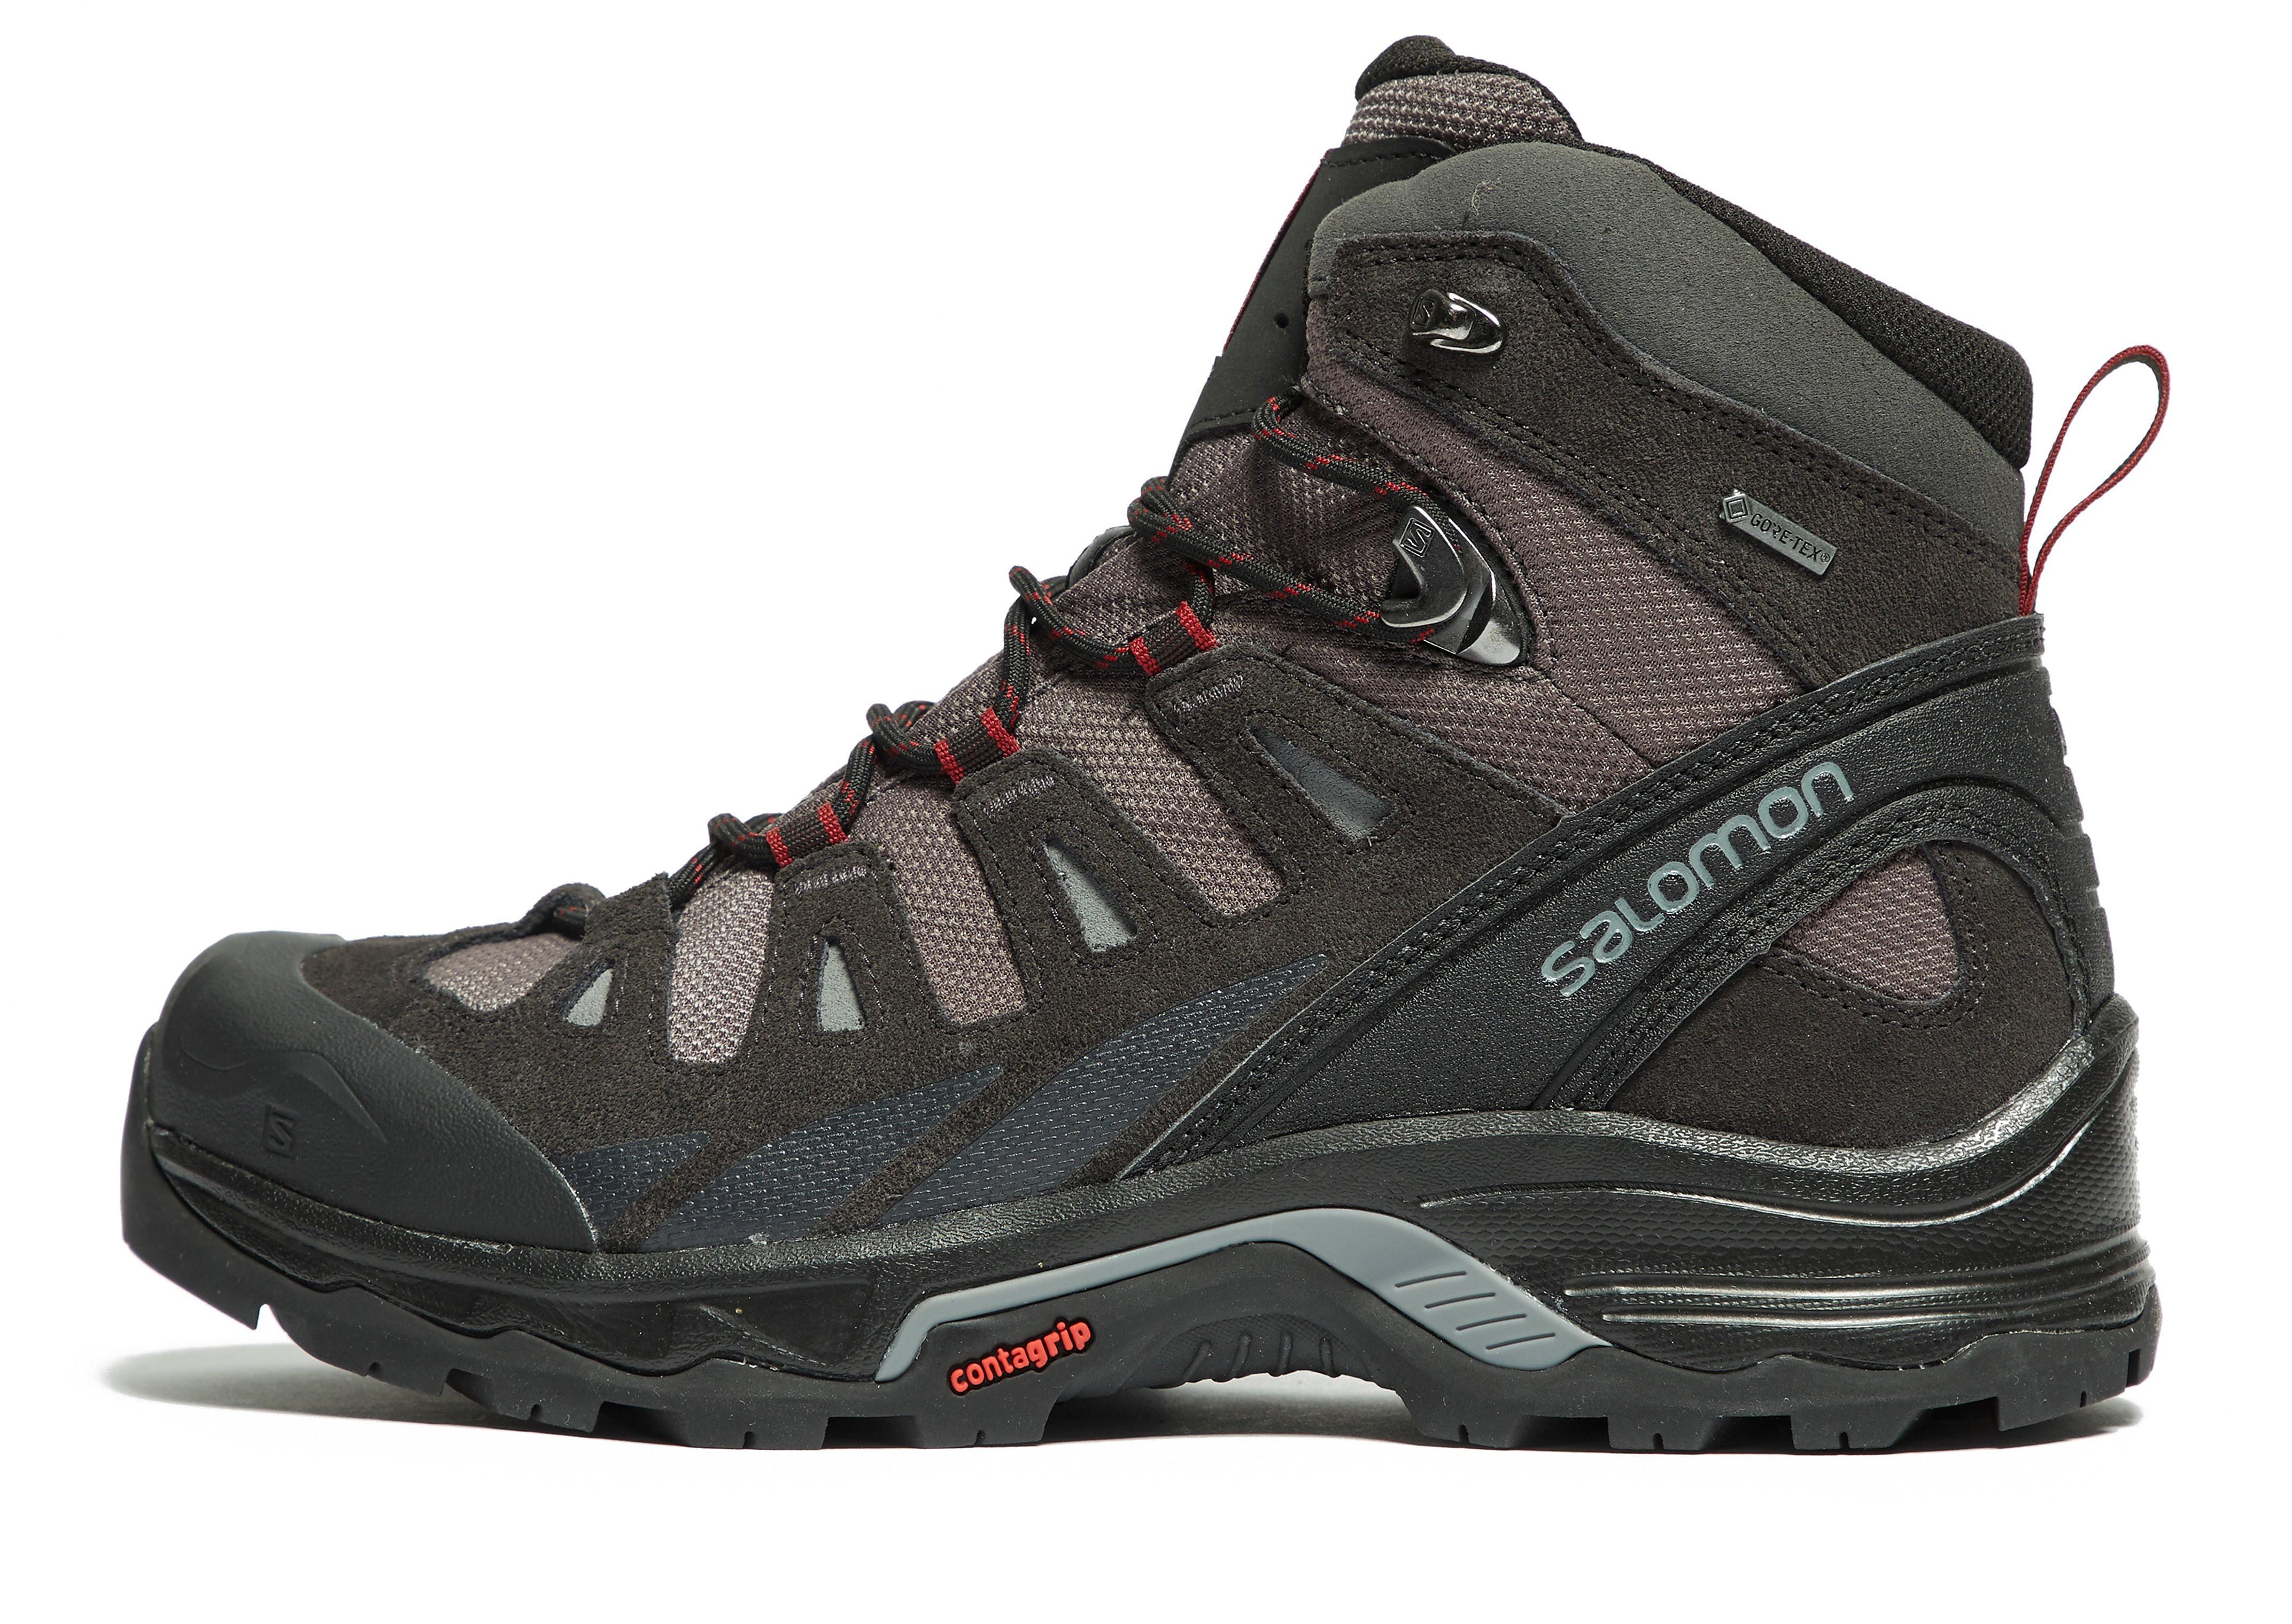 Salomon Salomon Quest Prime GTX Men's Hiking Boots